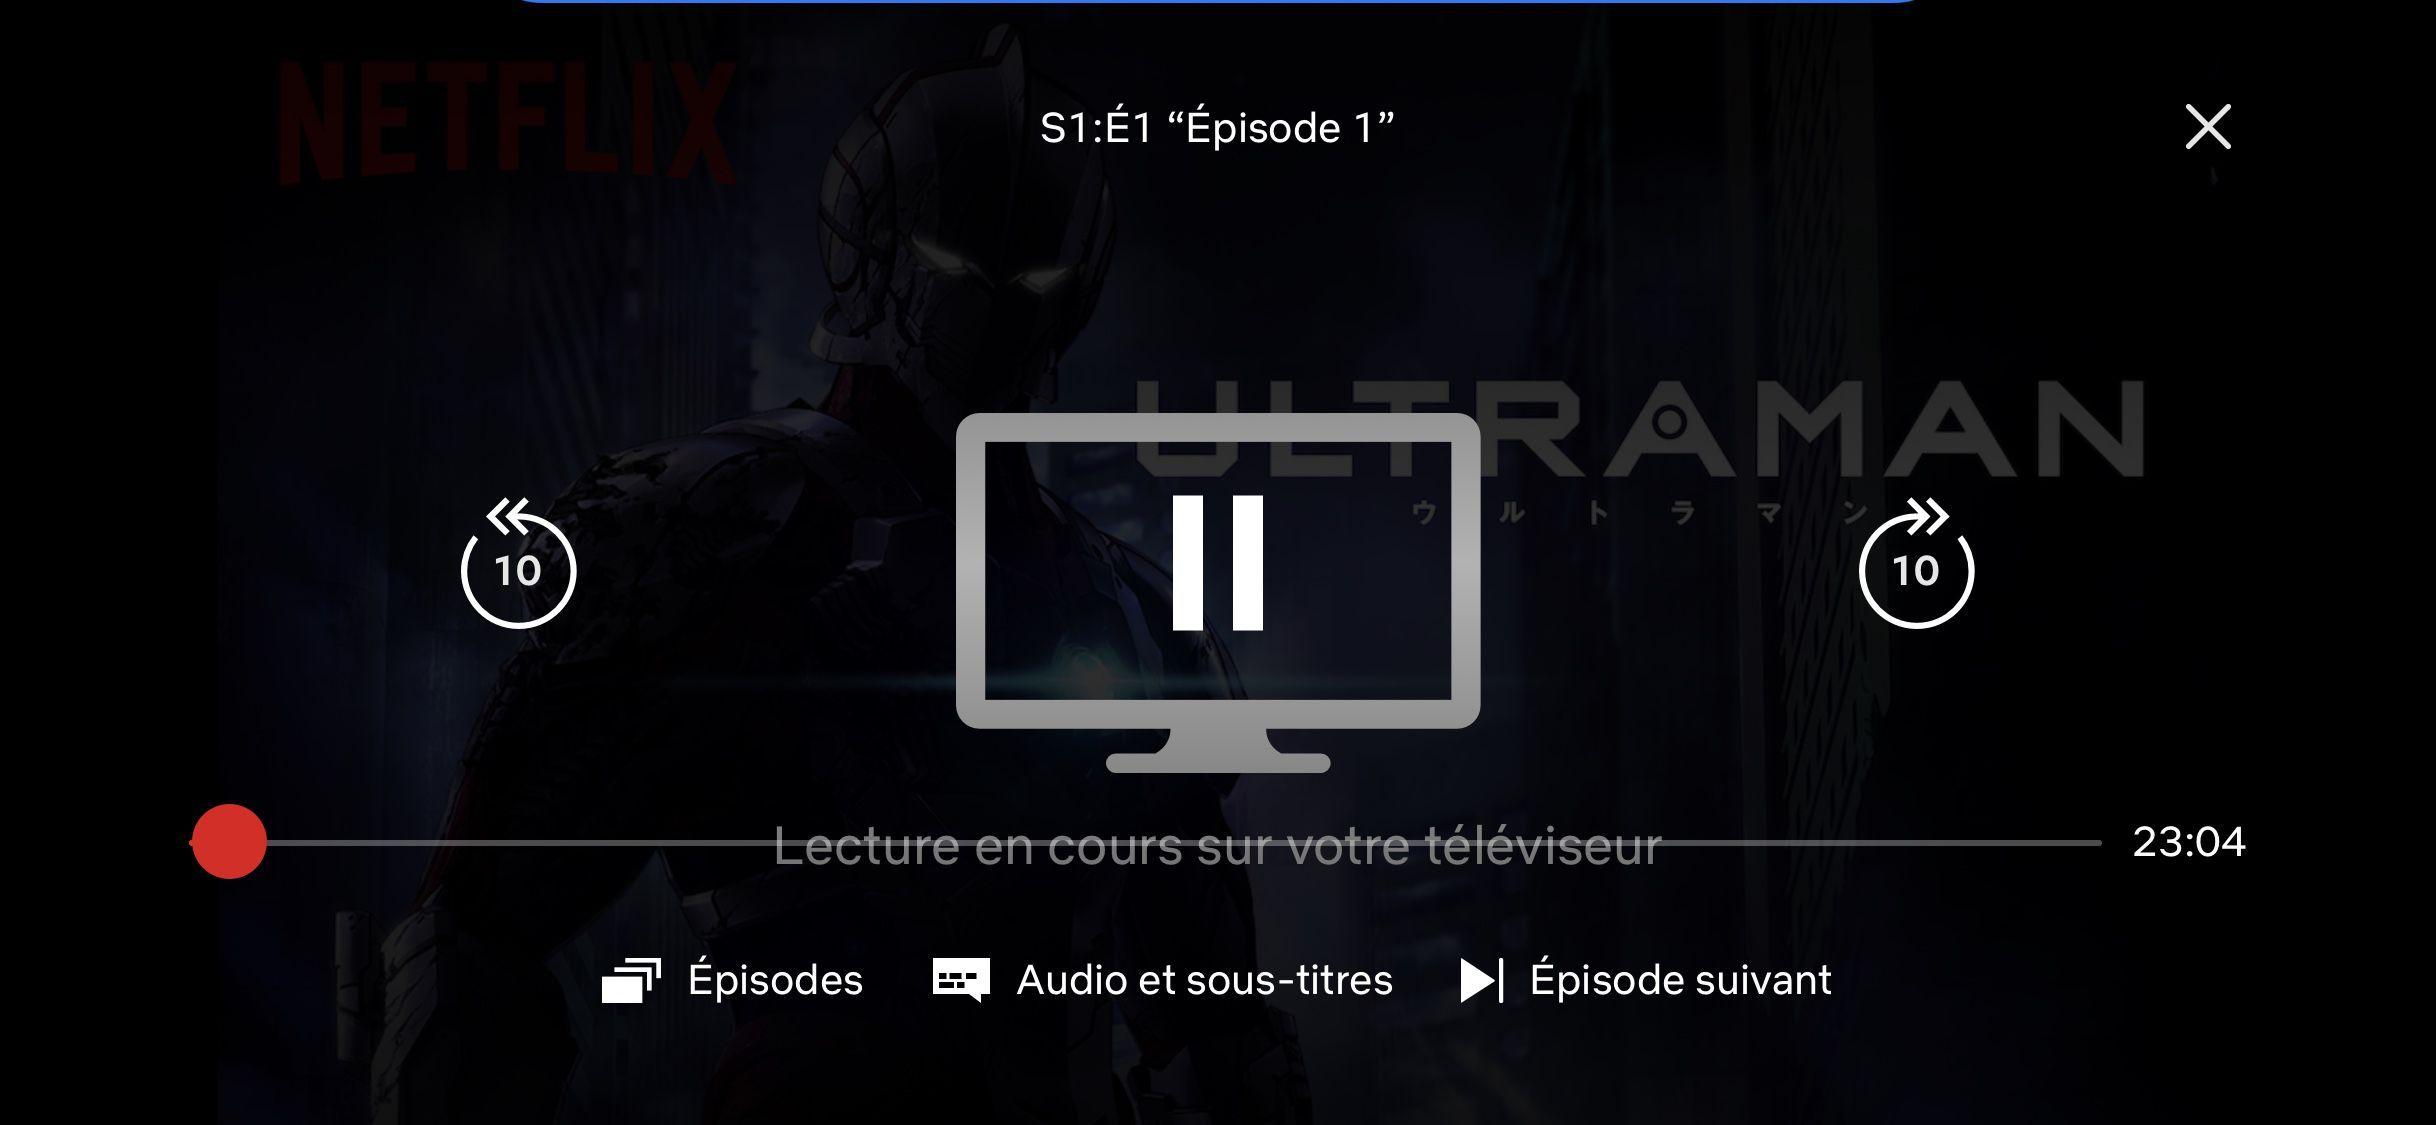 Netflix Pour Iphone Et Ipad Ne Prend Plus En Charge Airplay Apple Tv Netflix Ipad